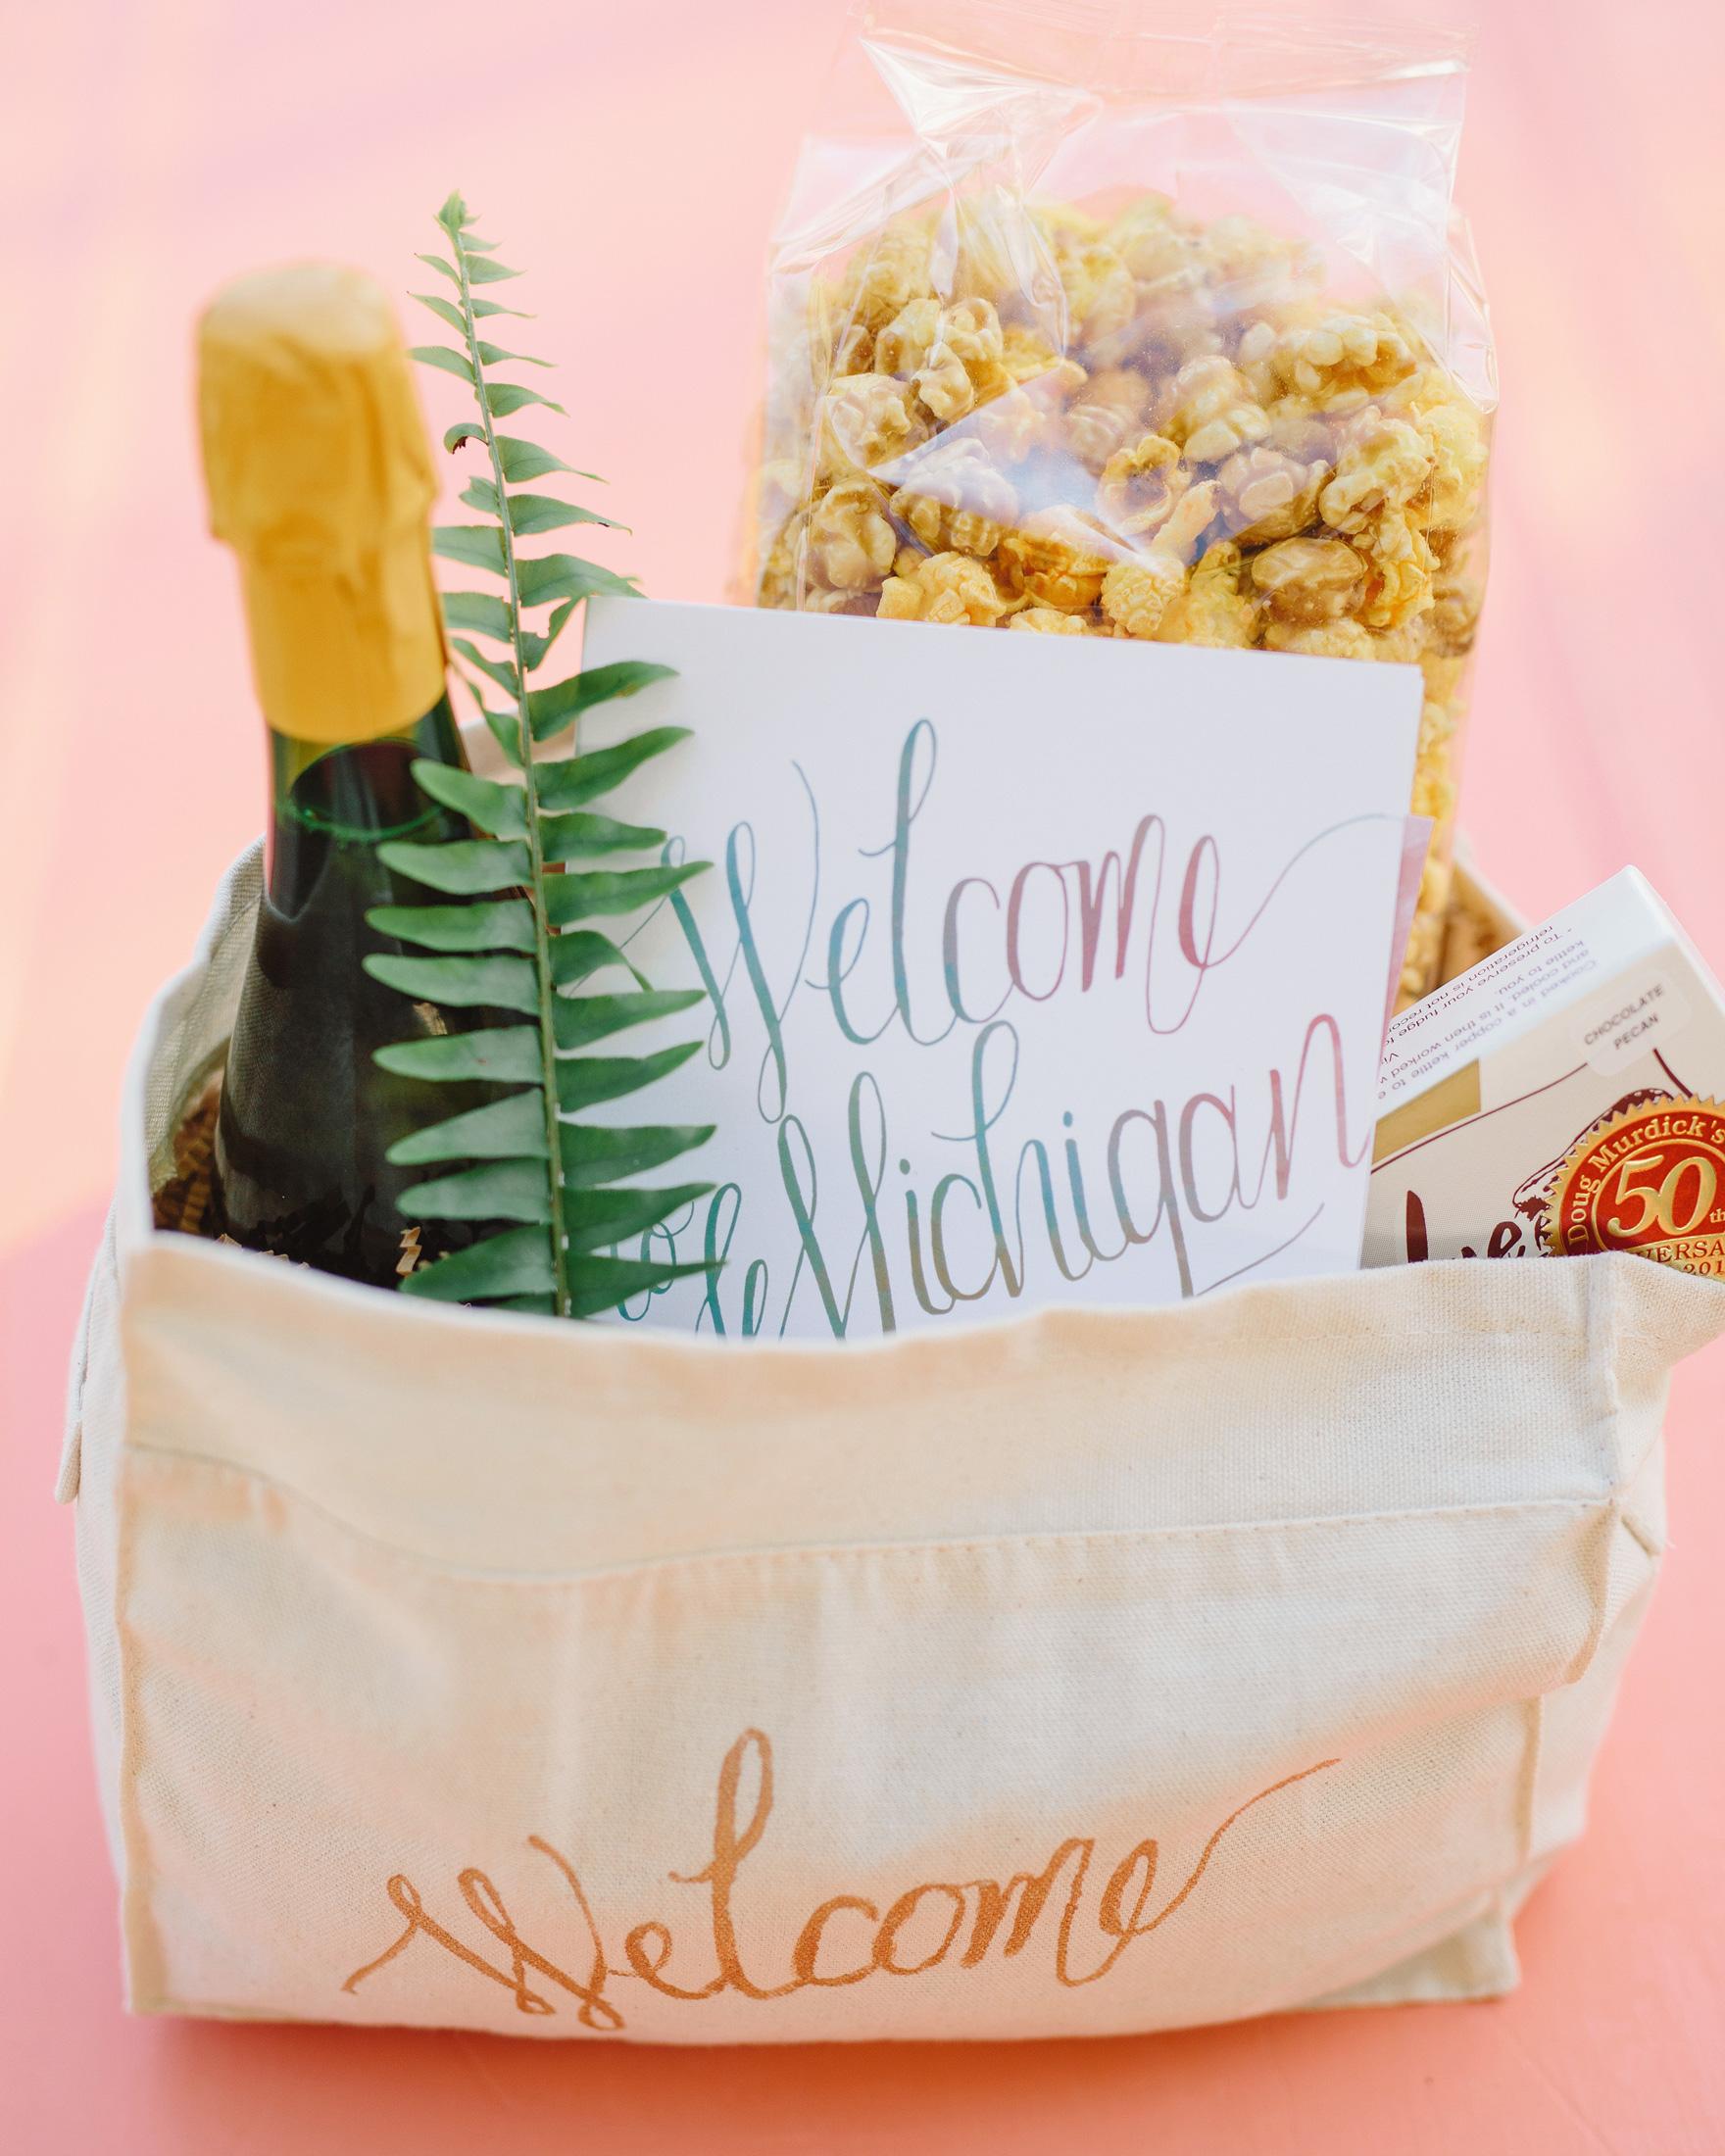 wedding-weekend-ideas-welcome-bag-0416.jpg